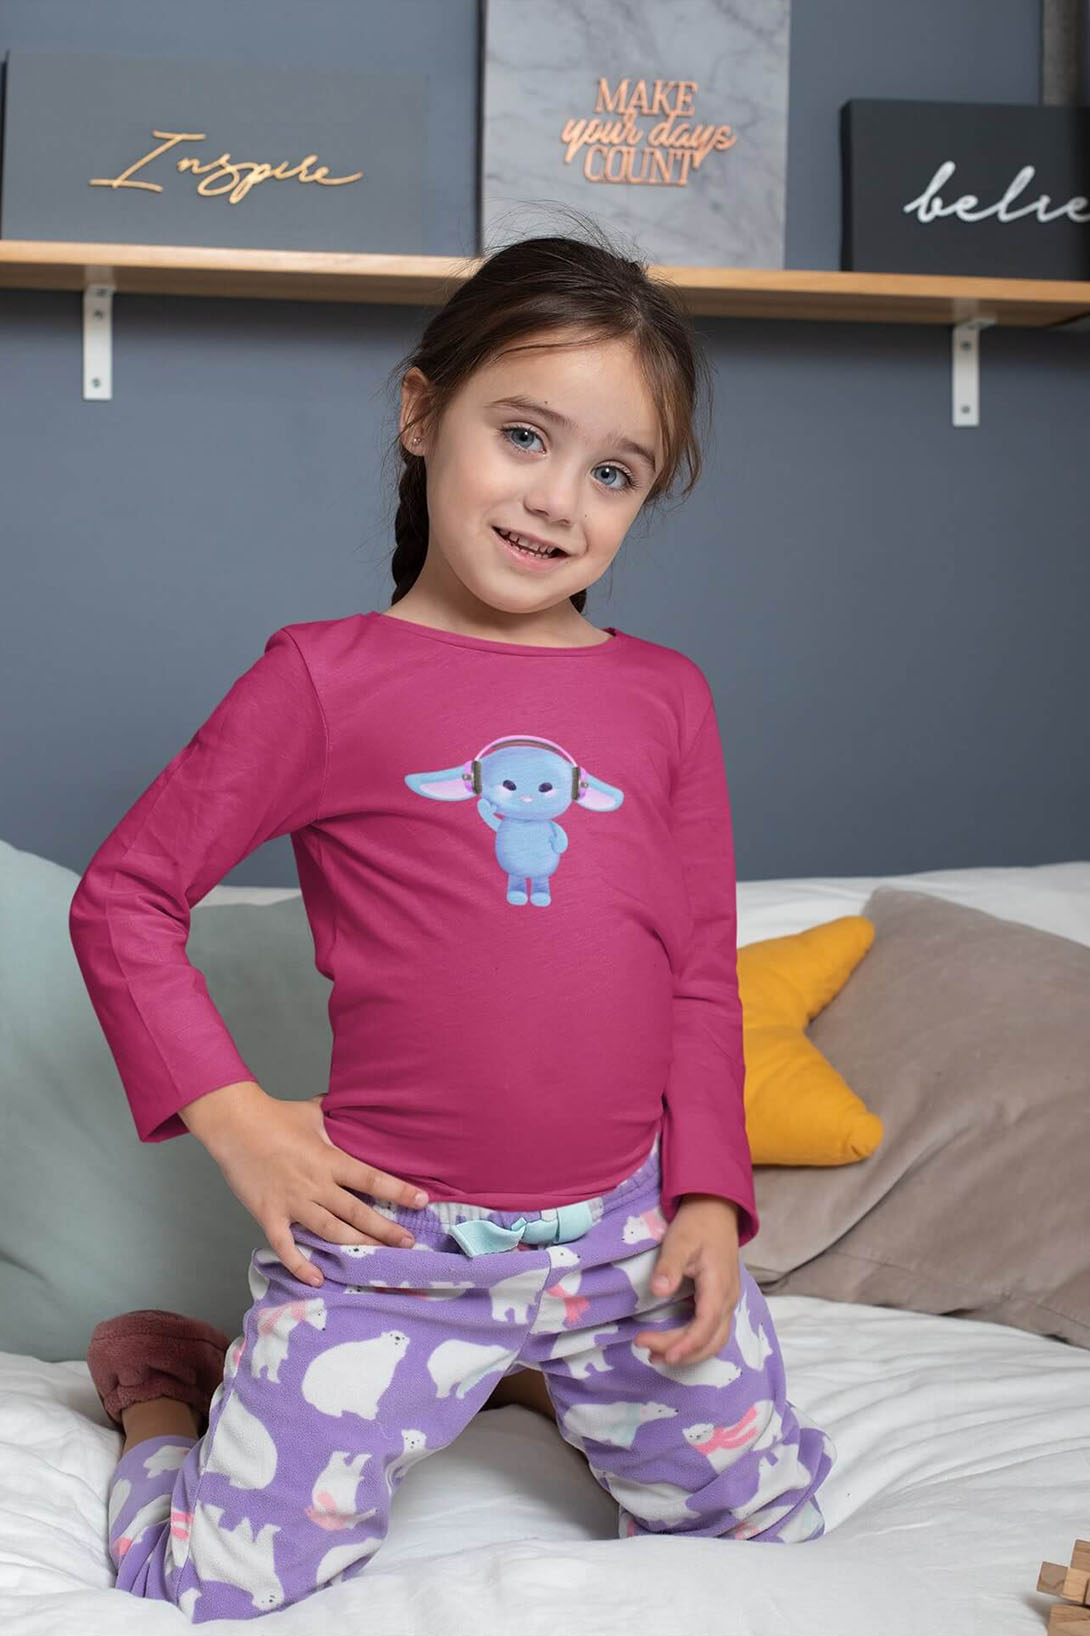 MMO Detské tričko s dlhým rukávom Zajac so slúchadlami Vyberte farbu:: Červená, Detská veľkosť: 146/10 rokov